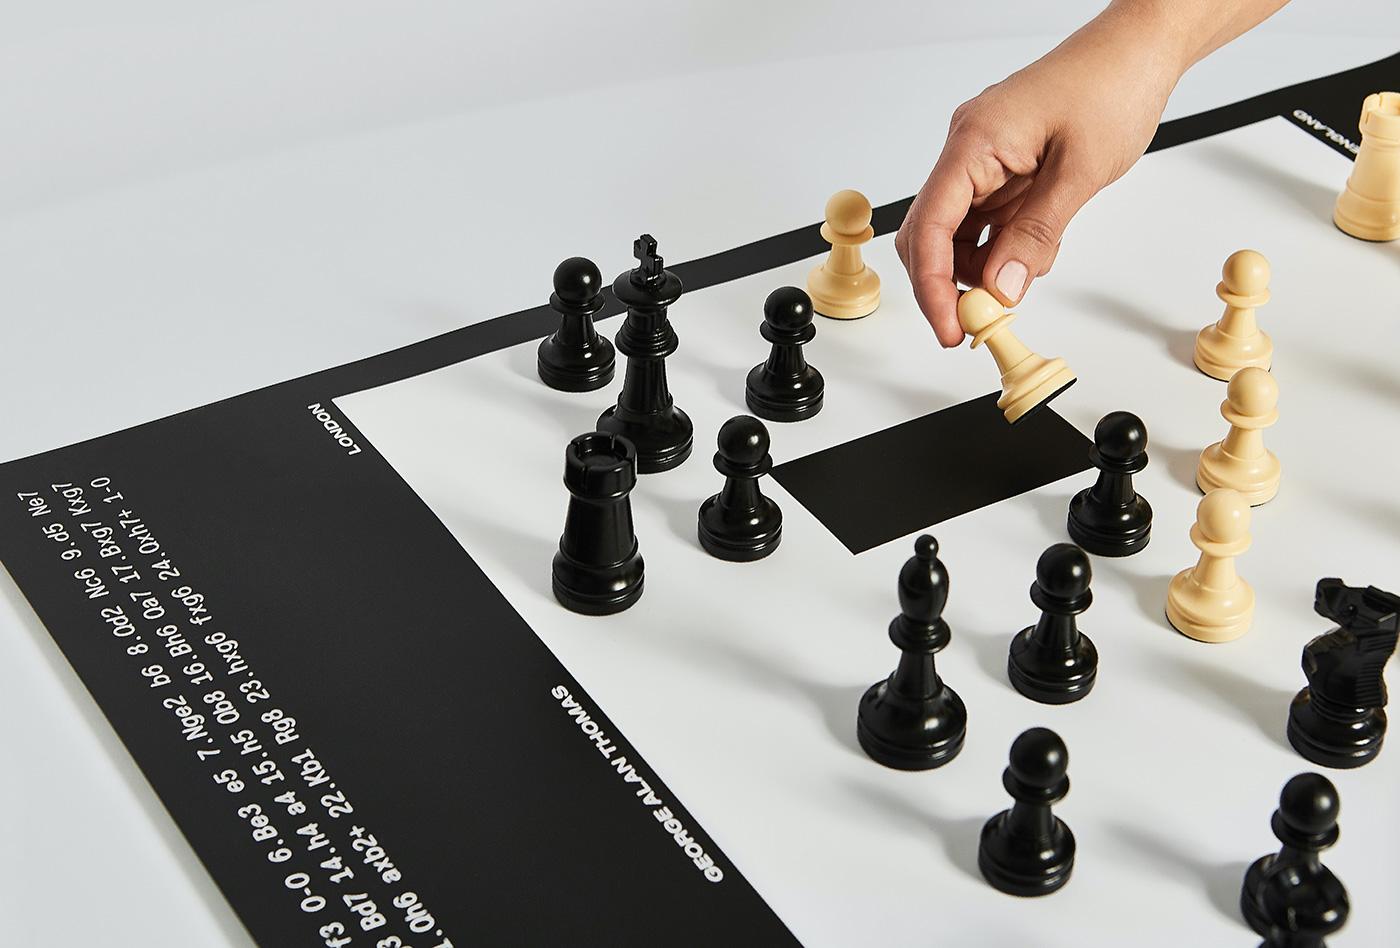 schackbrade poster design